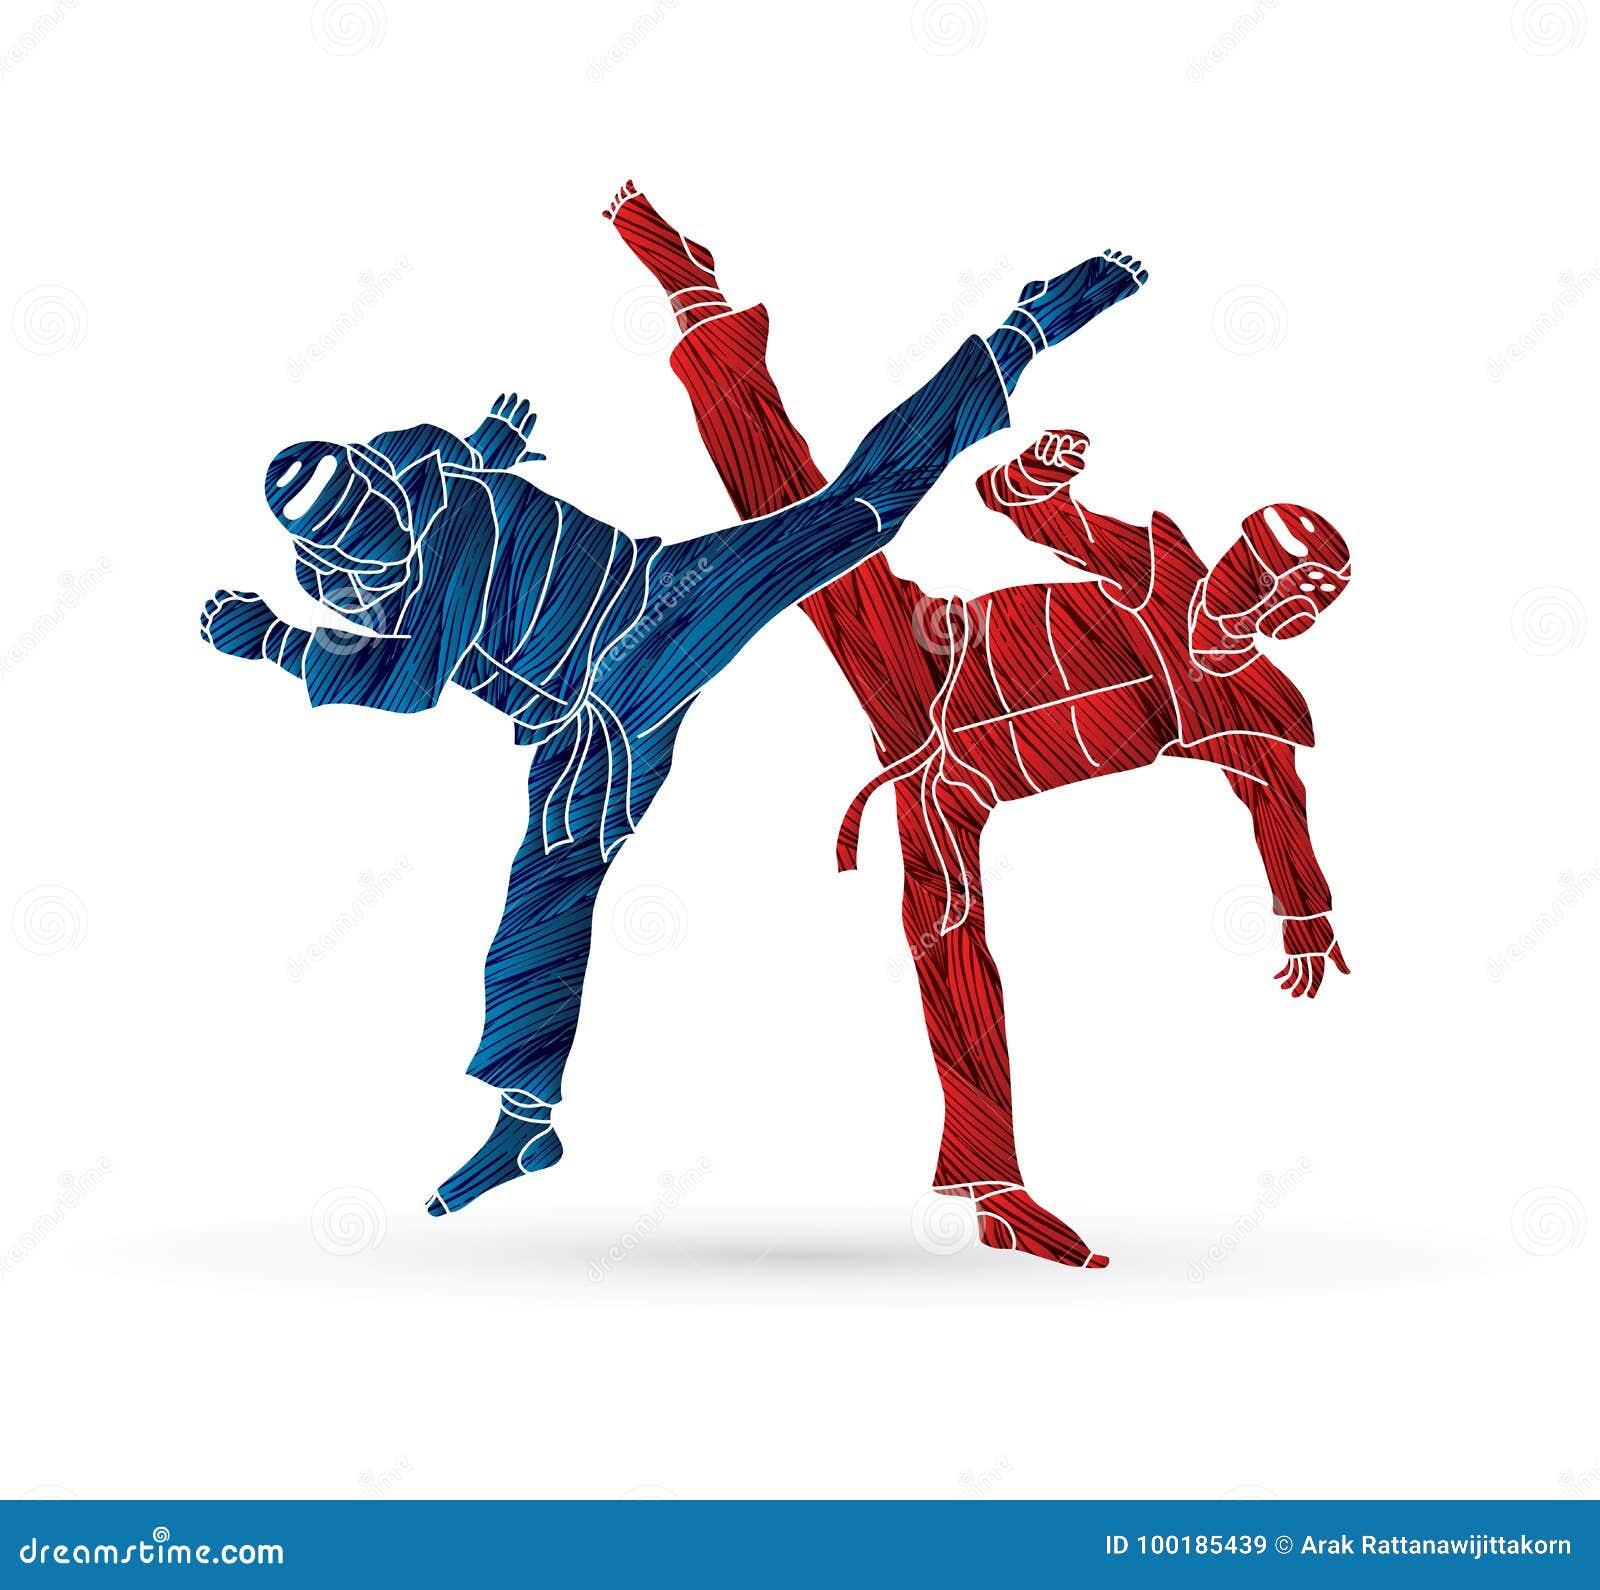 Taekwondo fighting competition